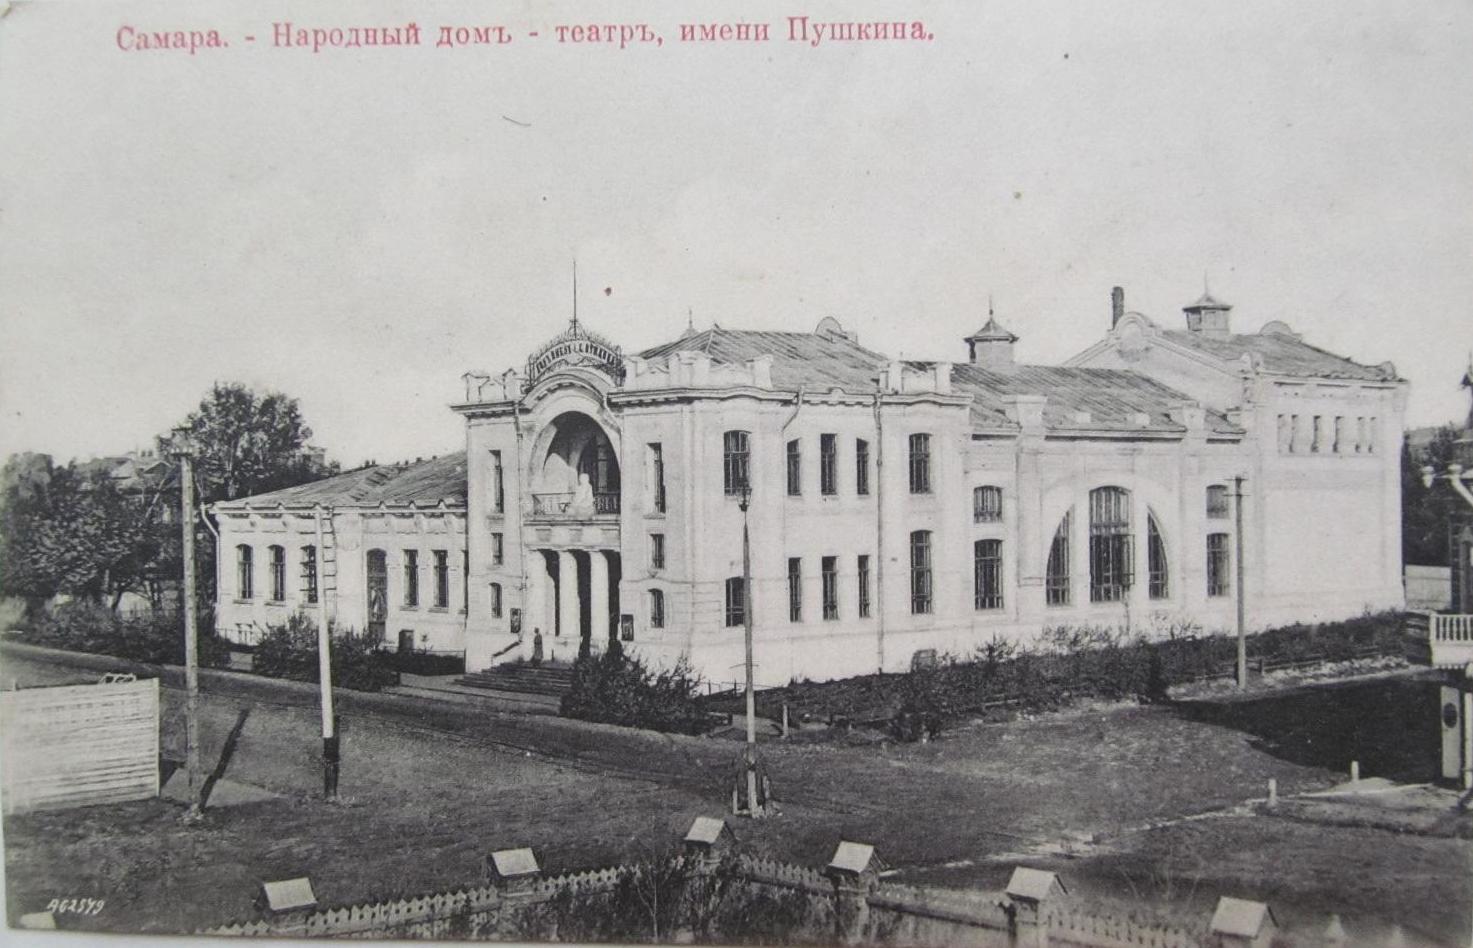 Народный дом. Театр имени Пушкина